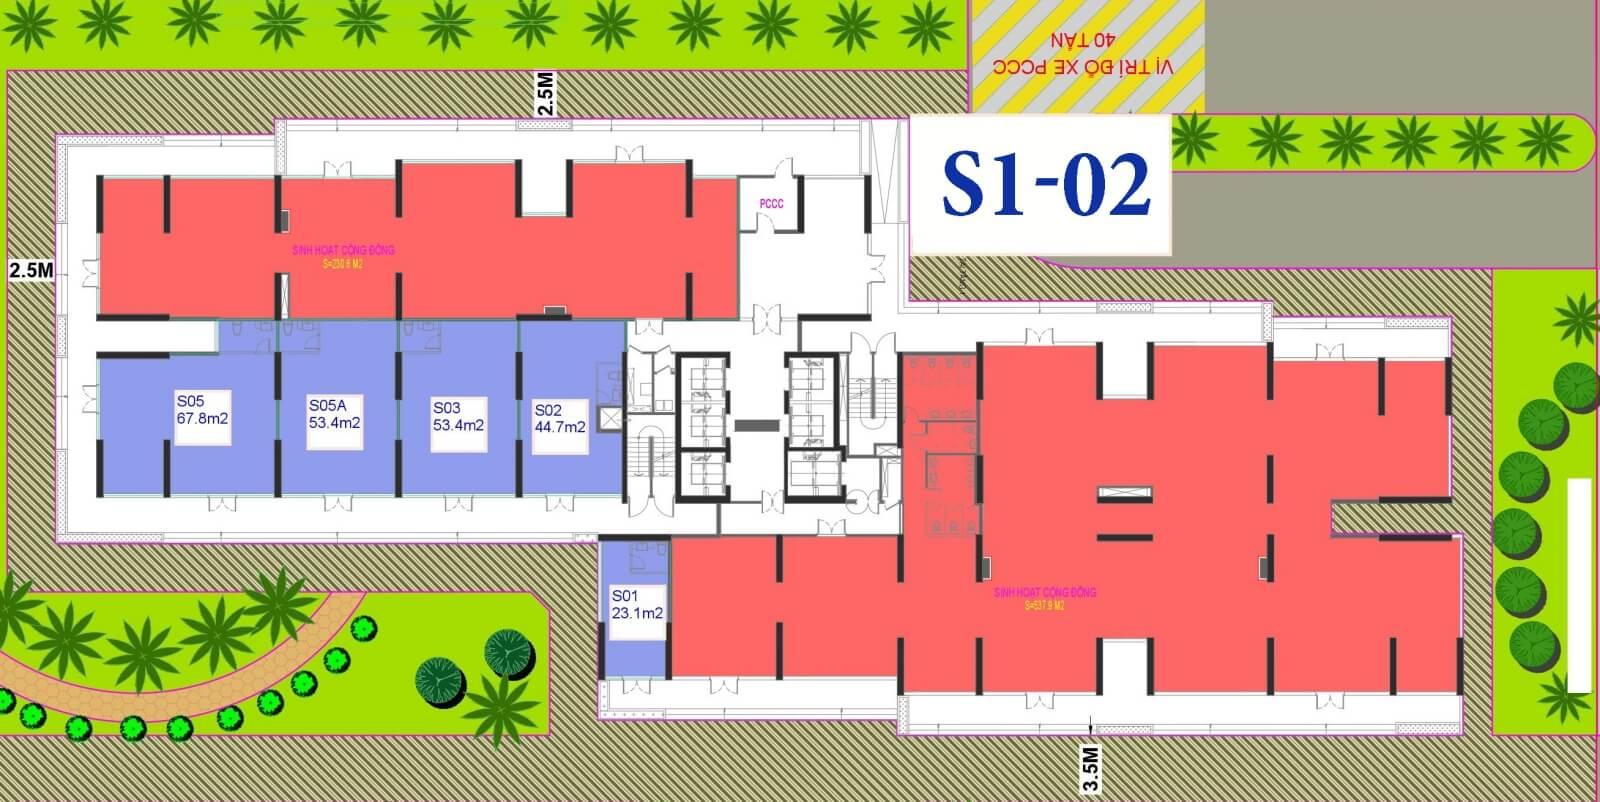 Mặt bằng toà S1 - 02 Shophouse Vinhomes Đại Mỗ